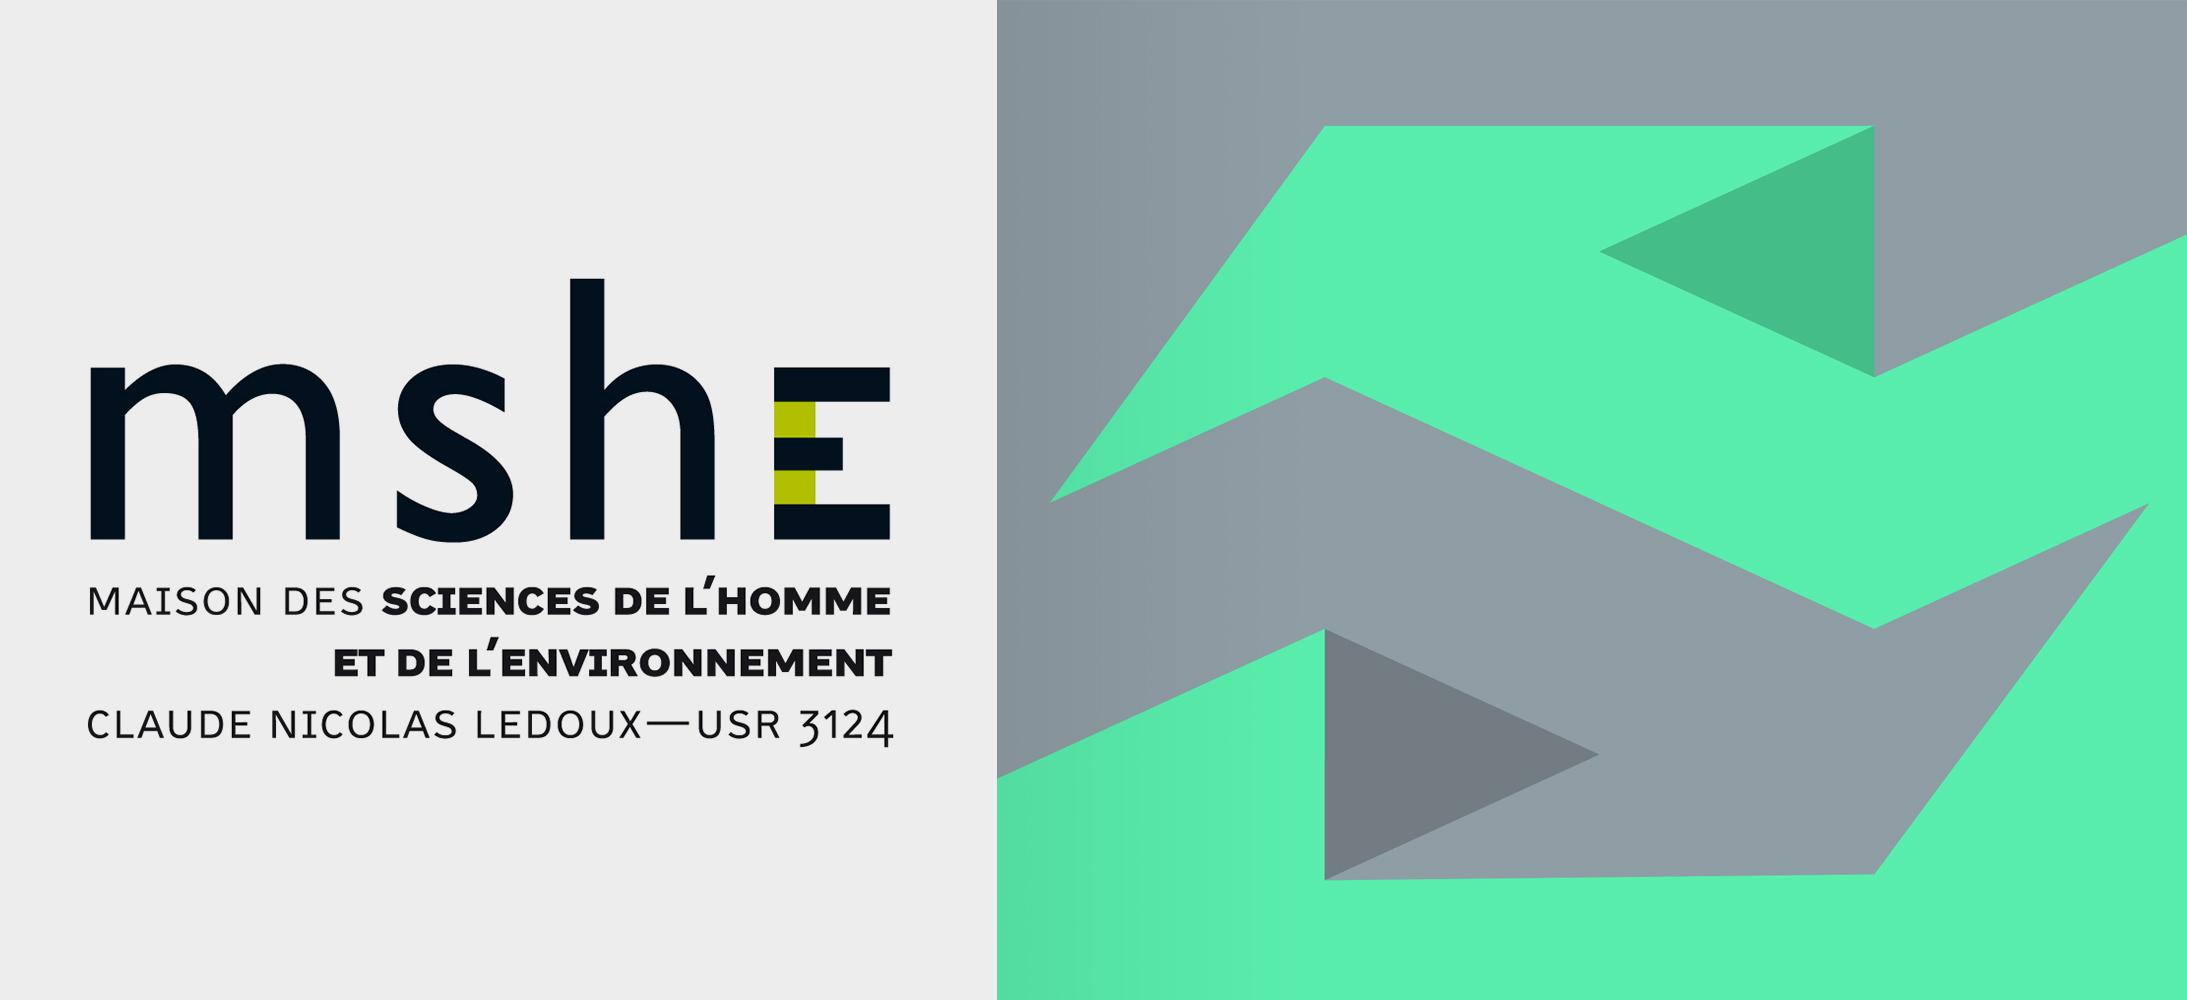 Maison des Sciences de l'Homme et de l'Environnement MSHE Besançon